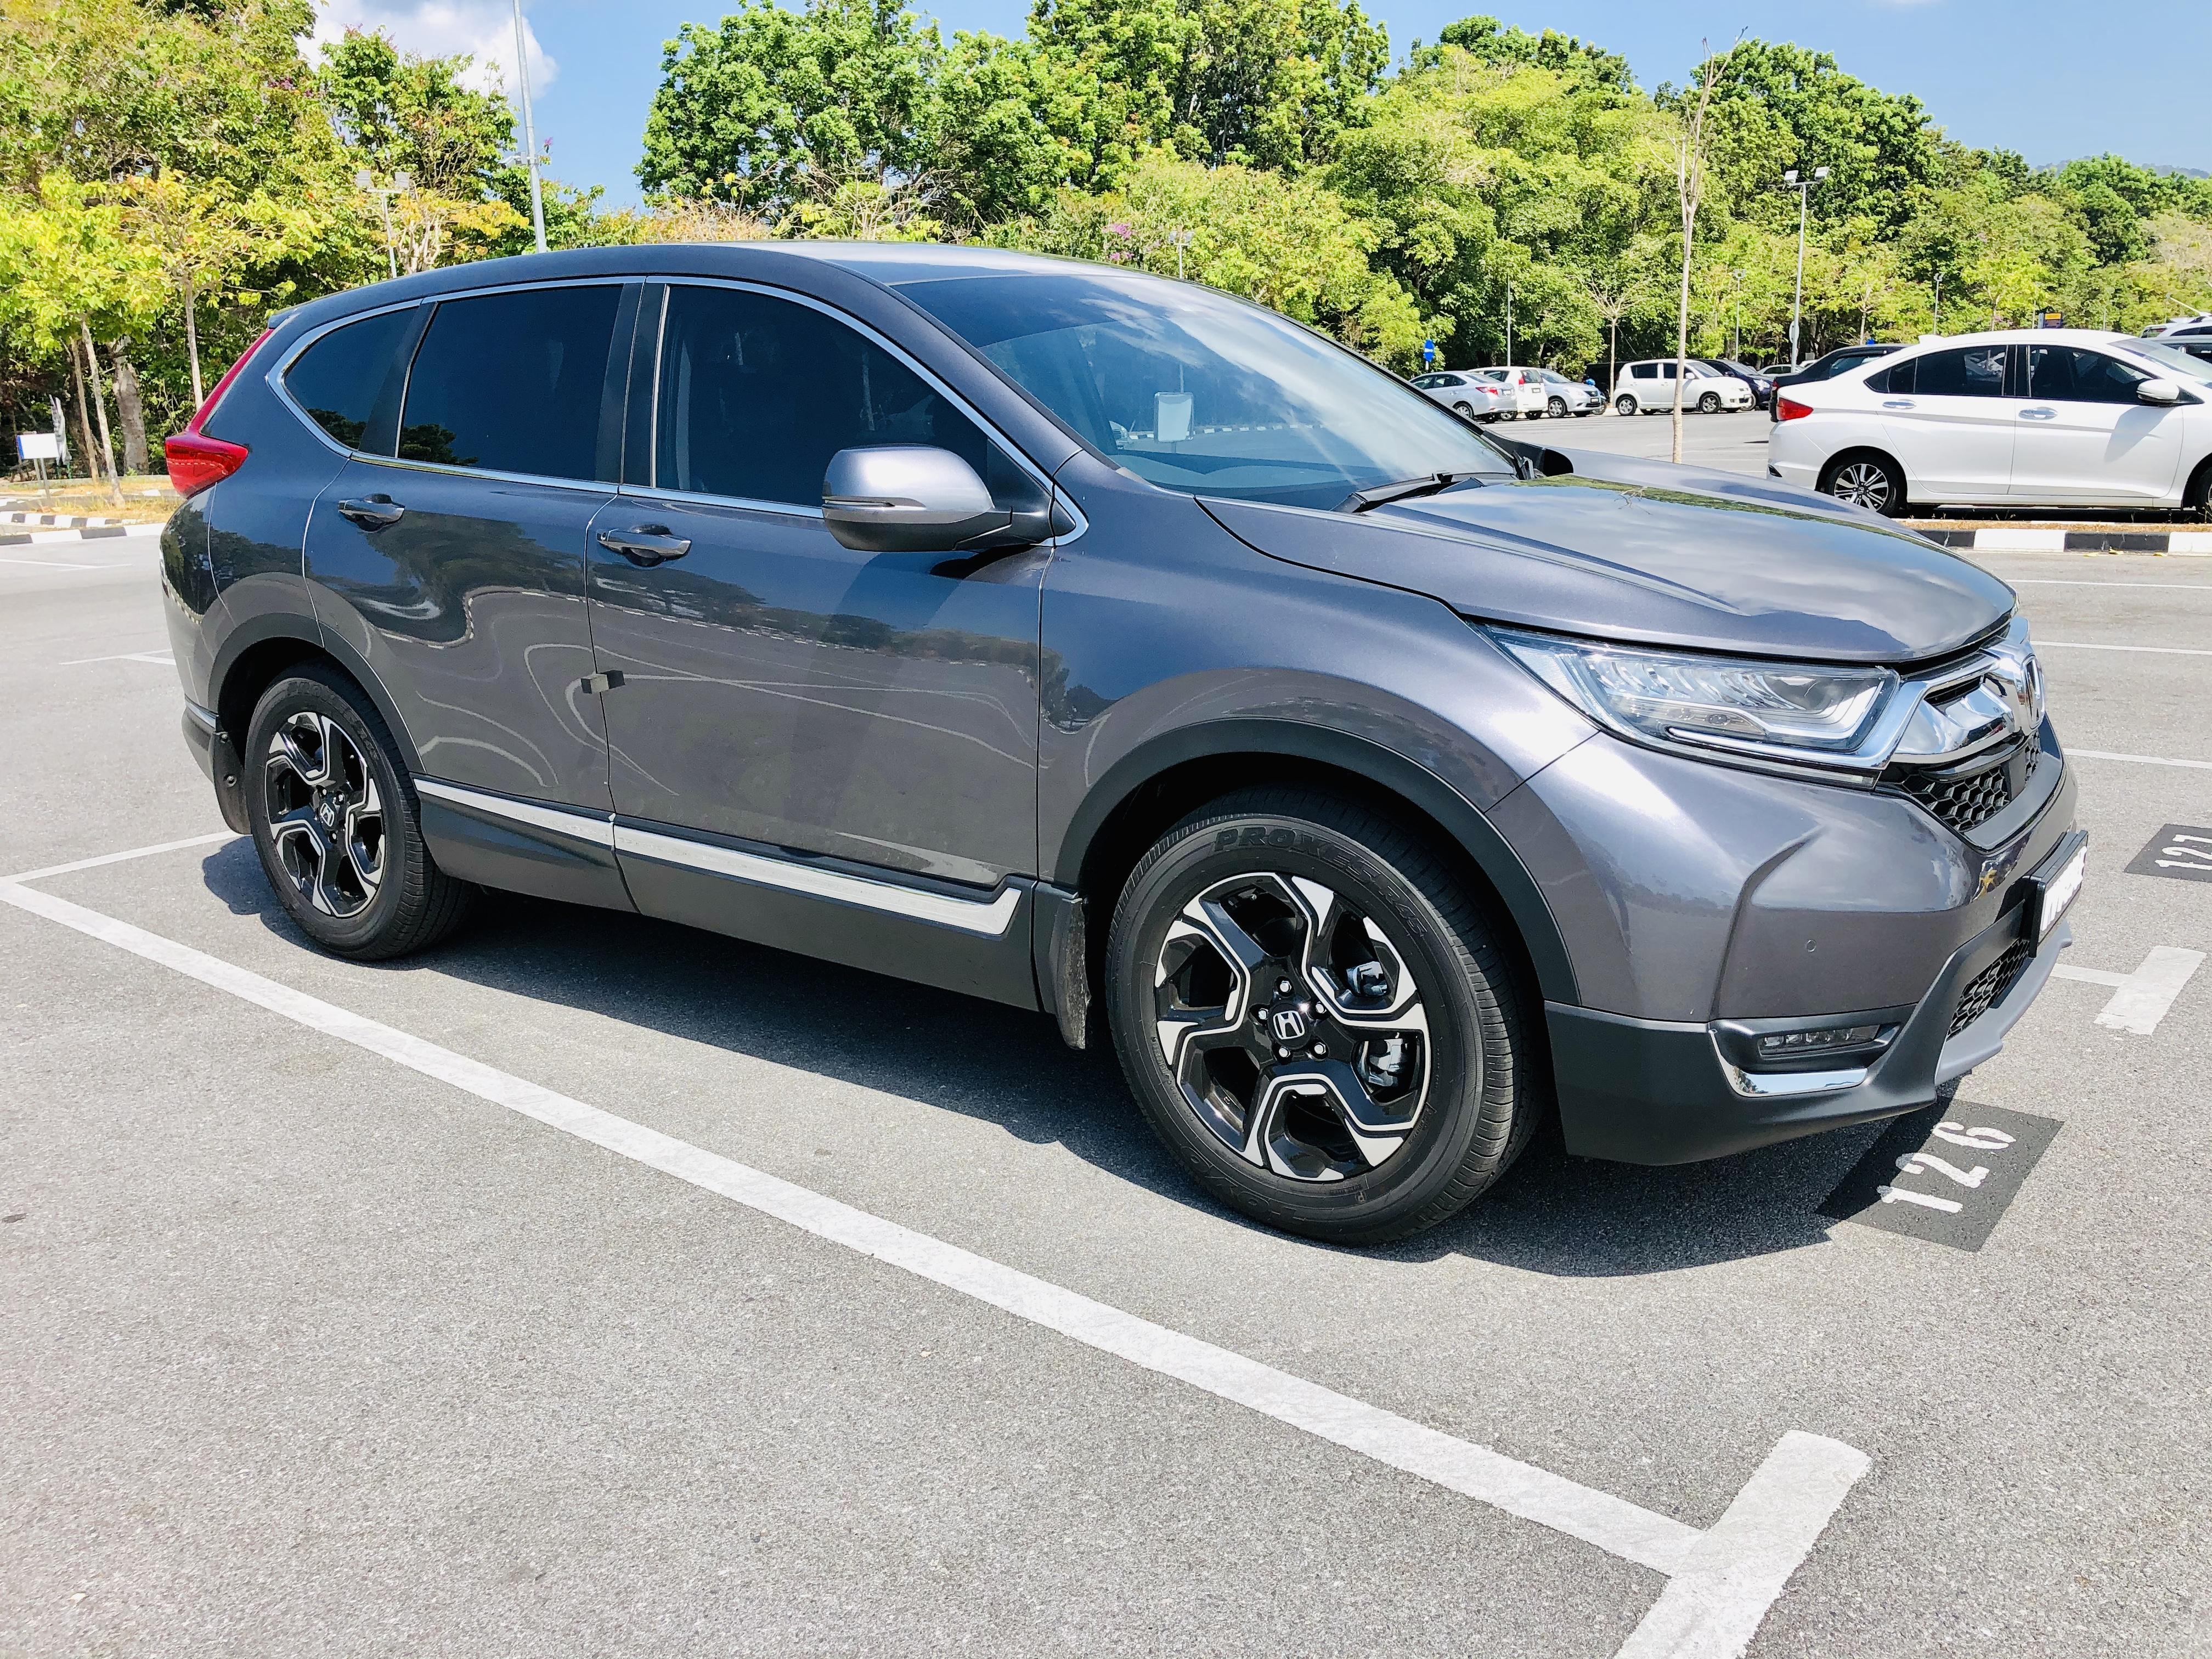 New Honda CRV 1.5 TC-p 2020